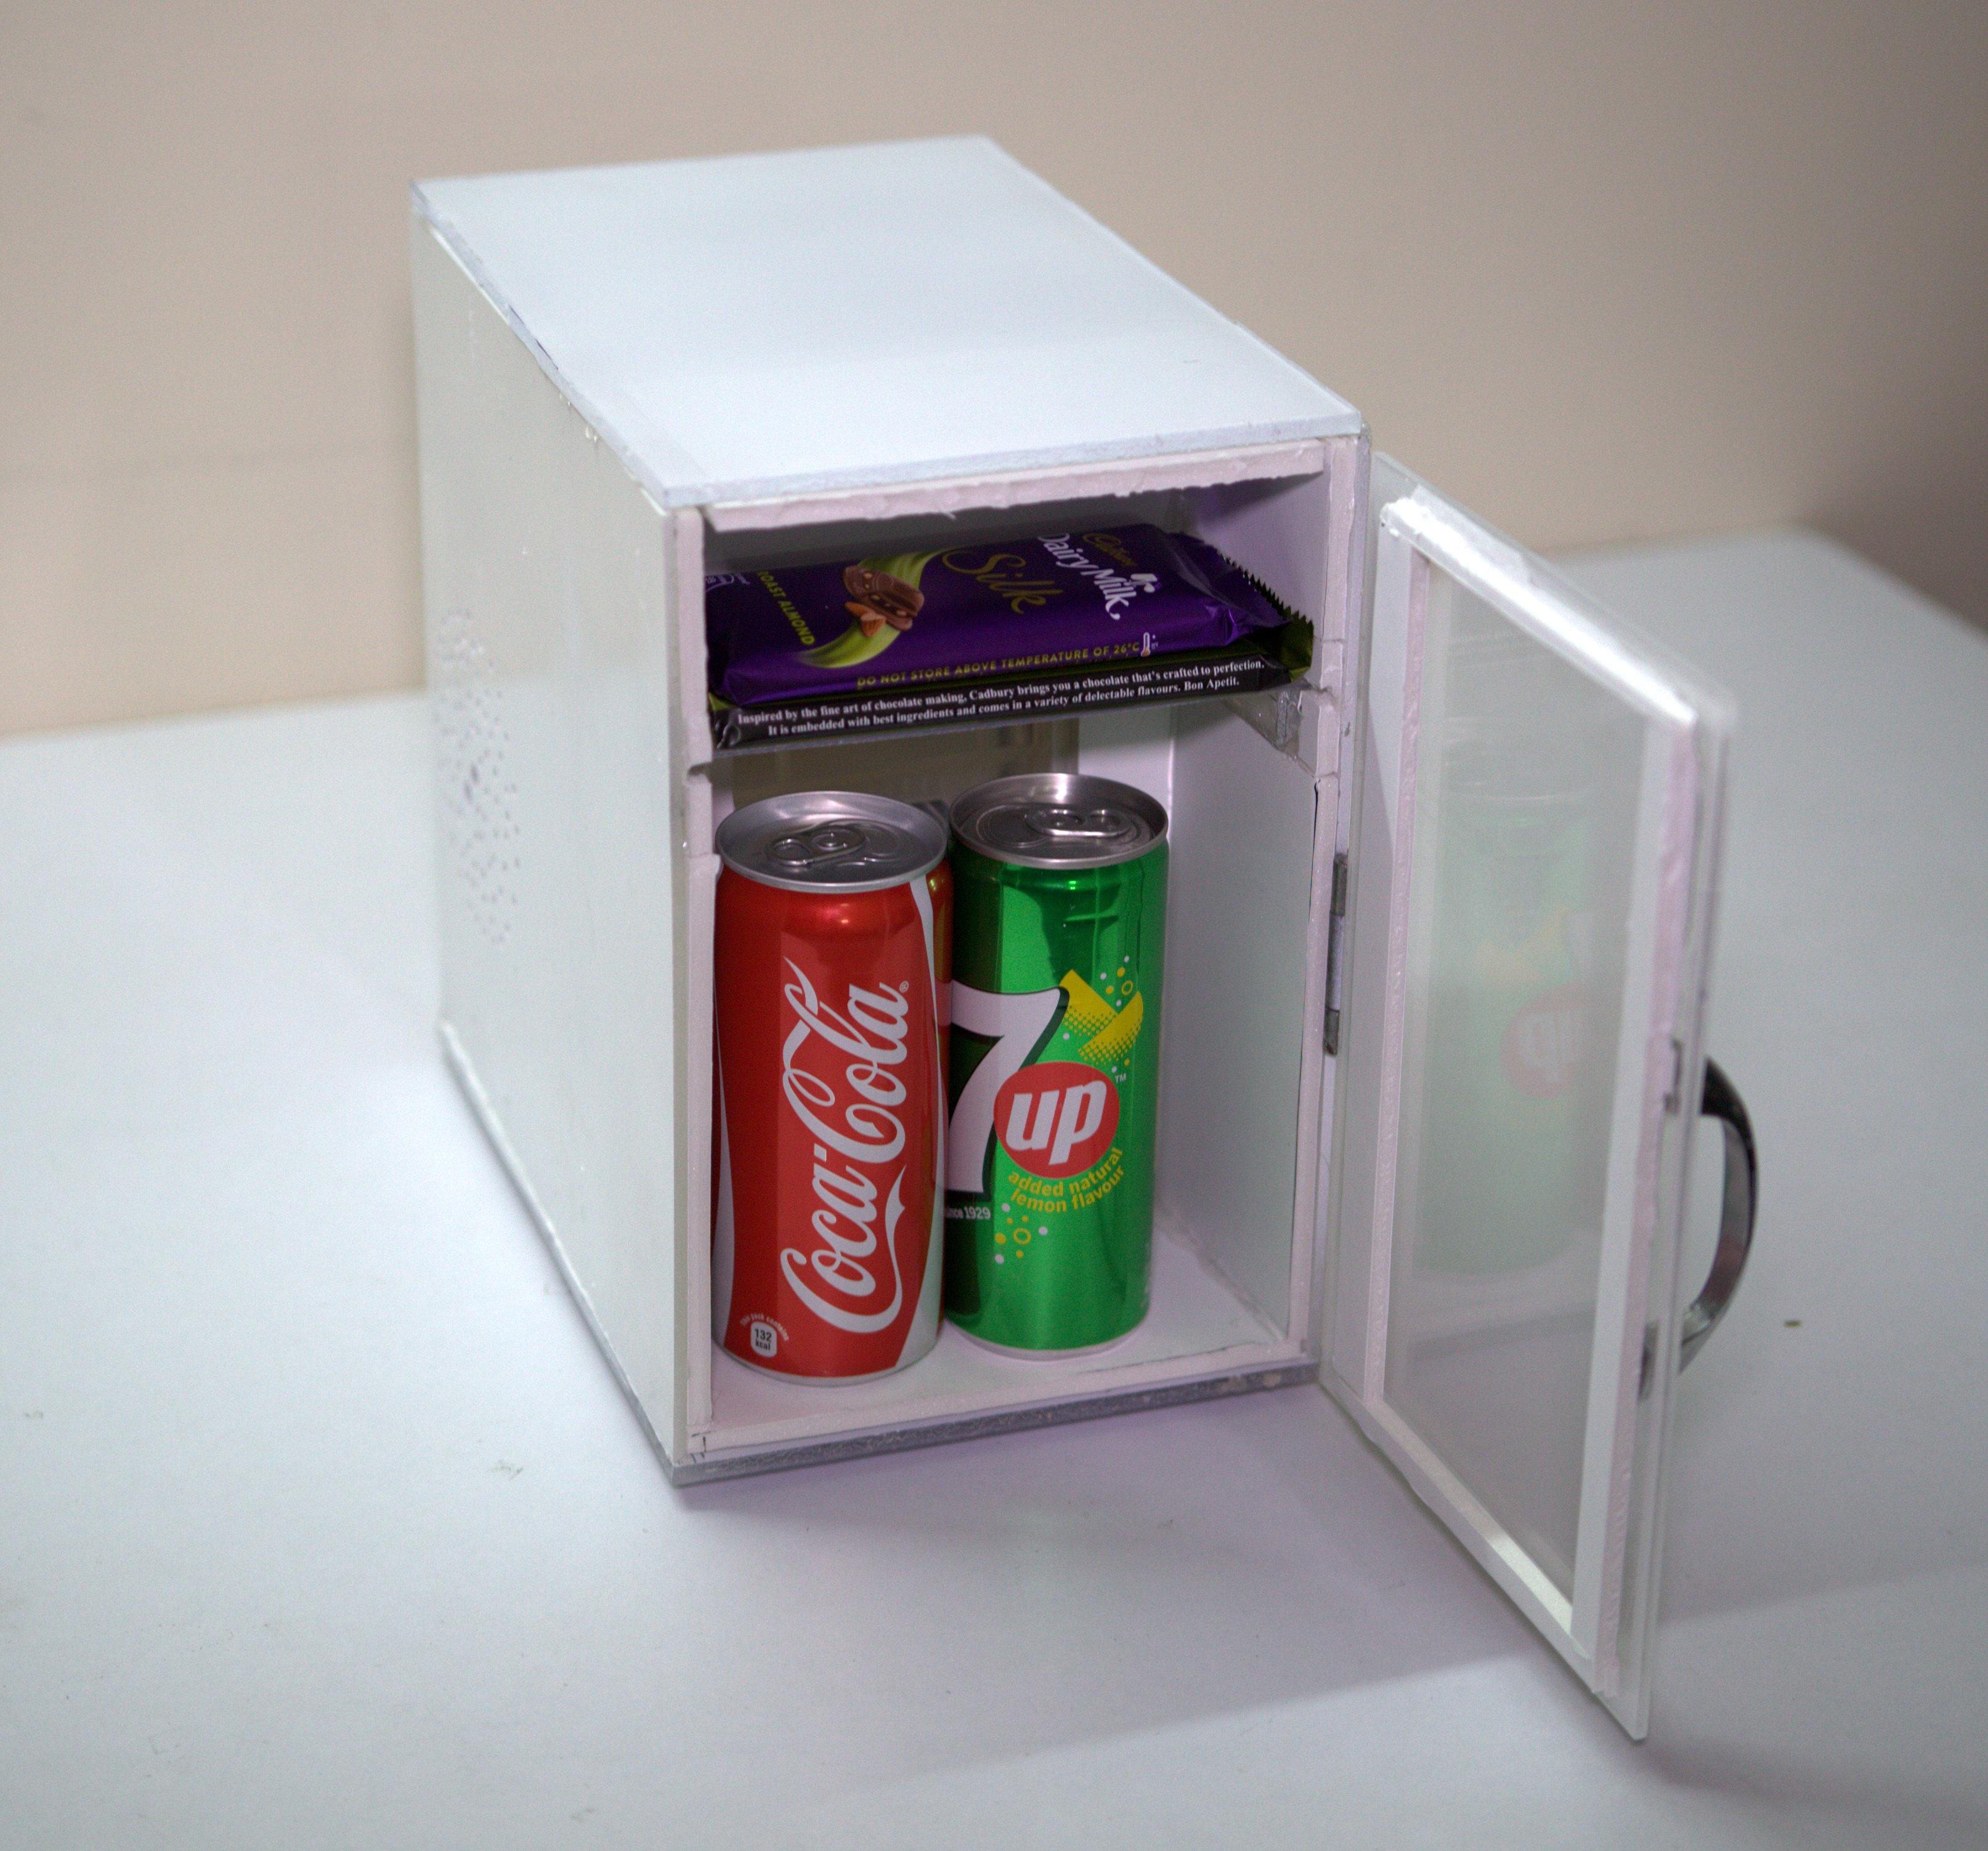 Picture of DIY Portable Mini Refrigerator